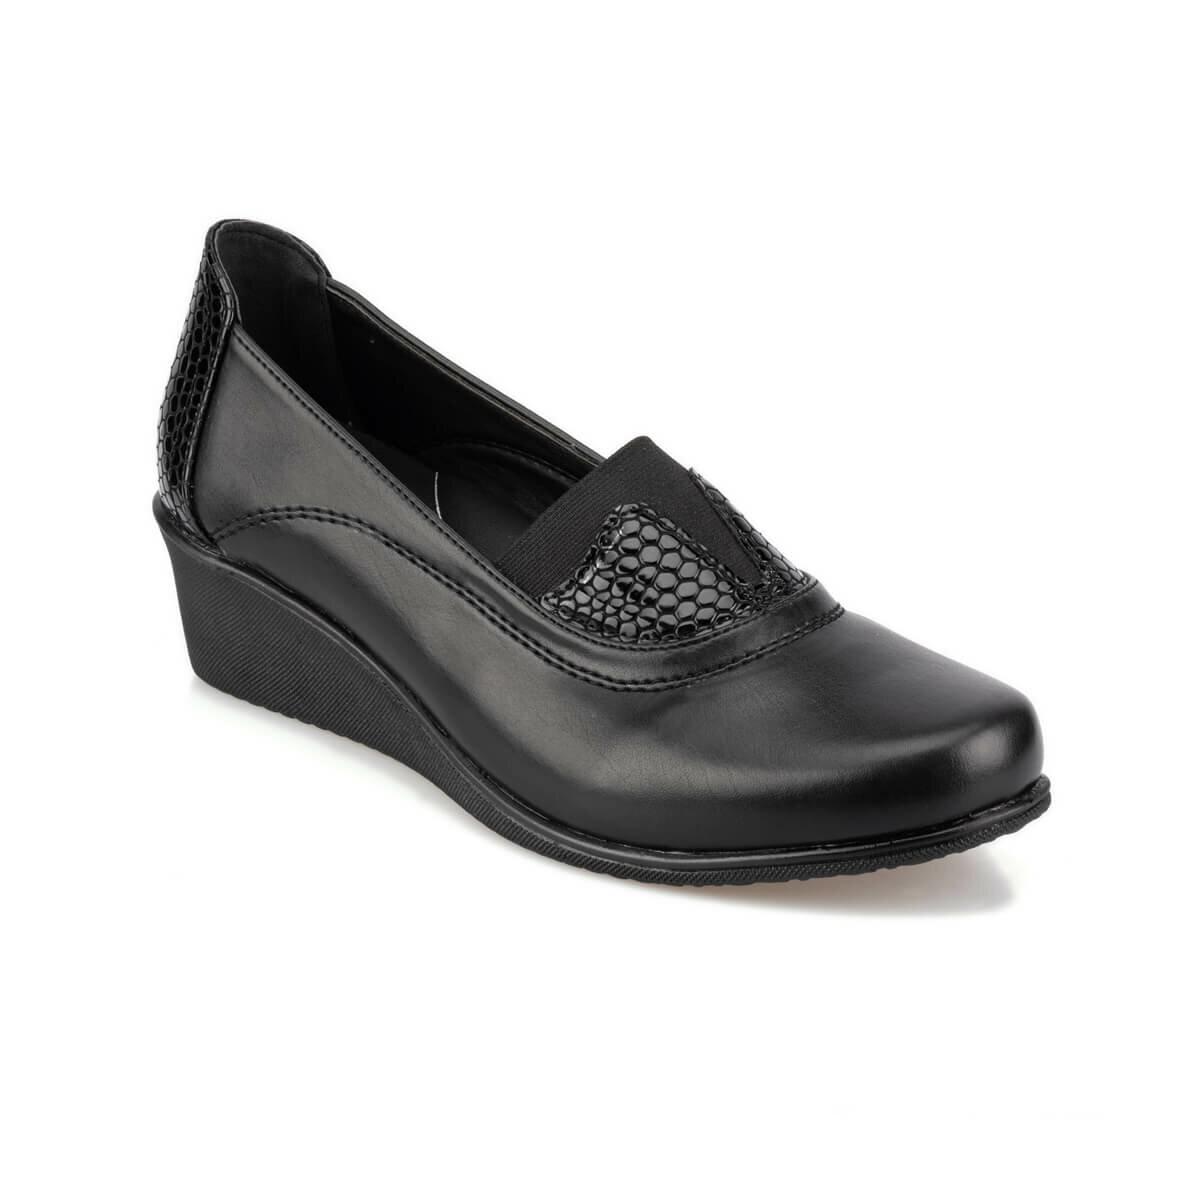 FLO 92.101090.Z Black Women 'S Wedges Shoes Polaris 5 Point